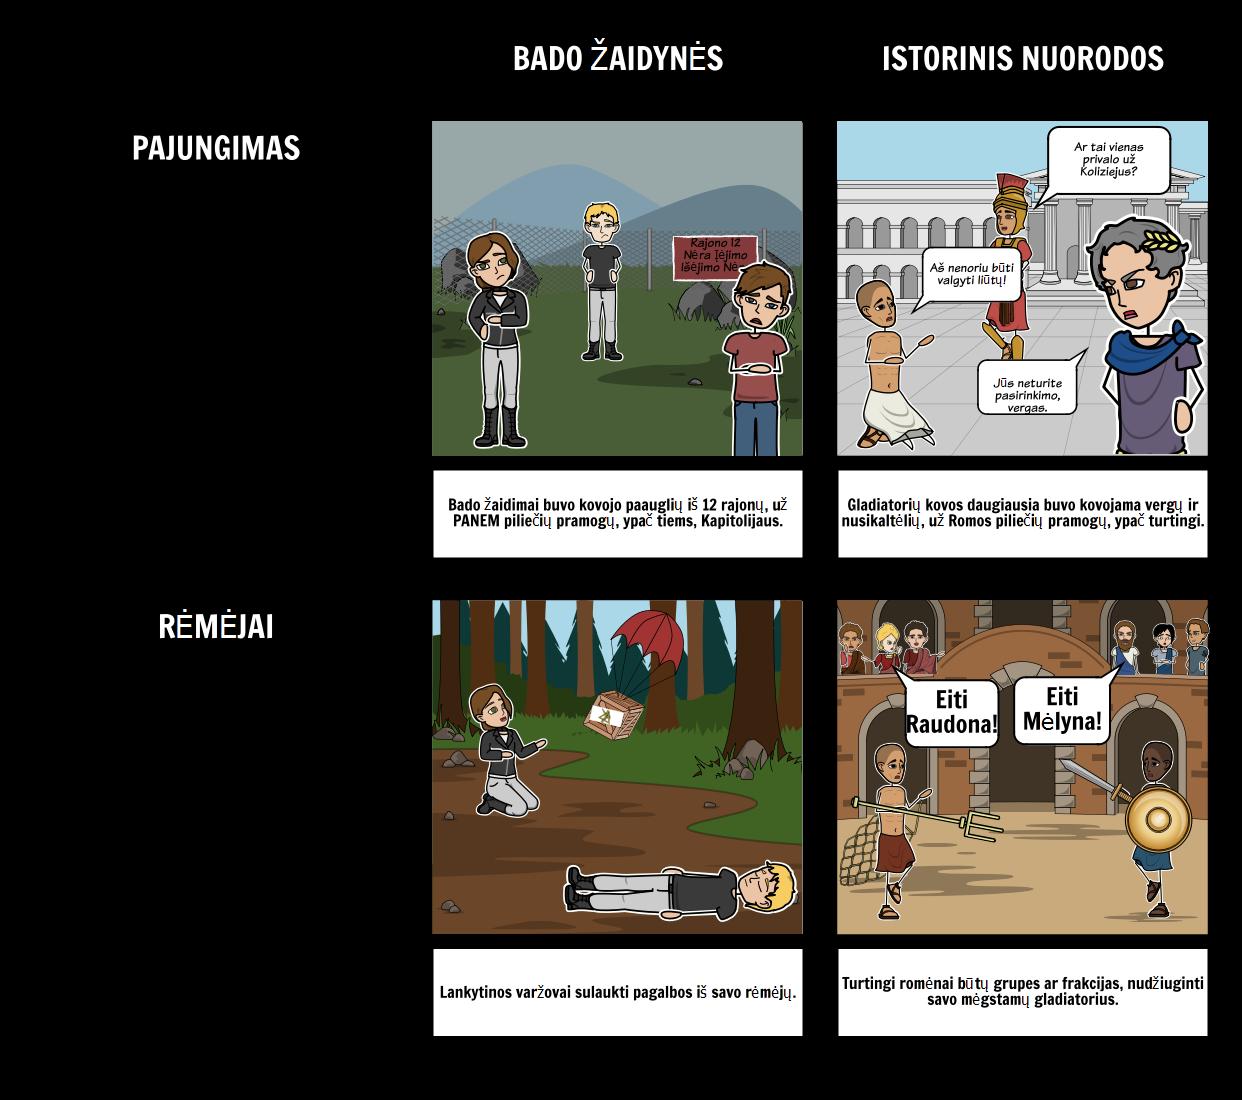 Mokymo Hunger Games - Palyginti su Istorijos